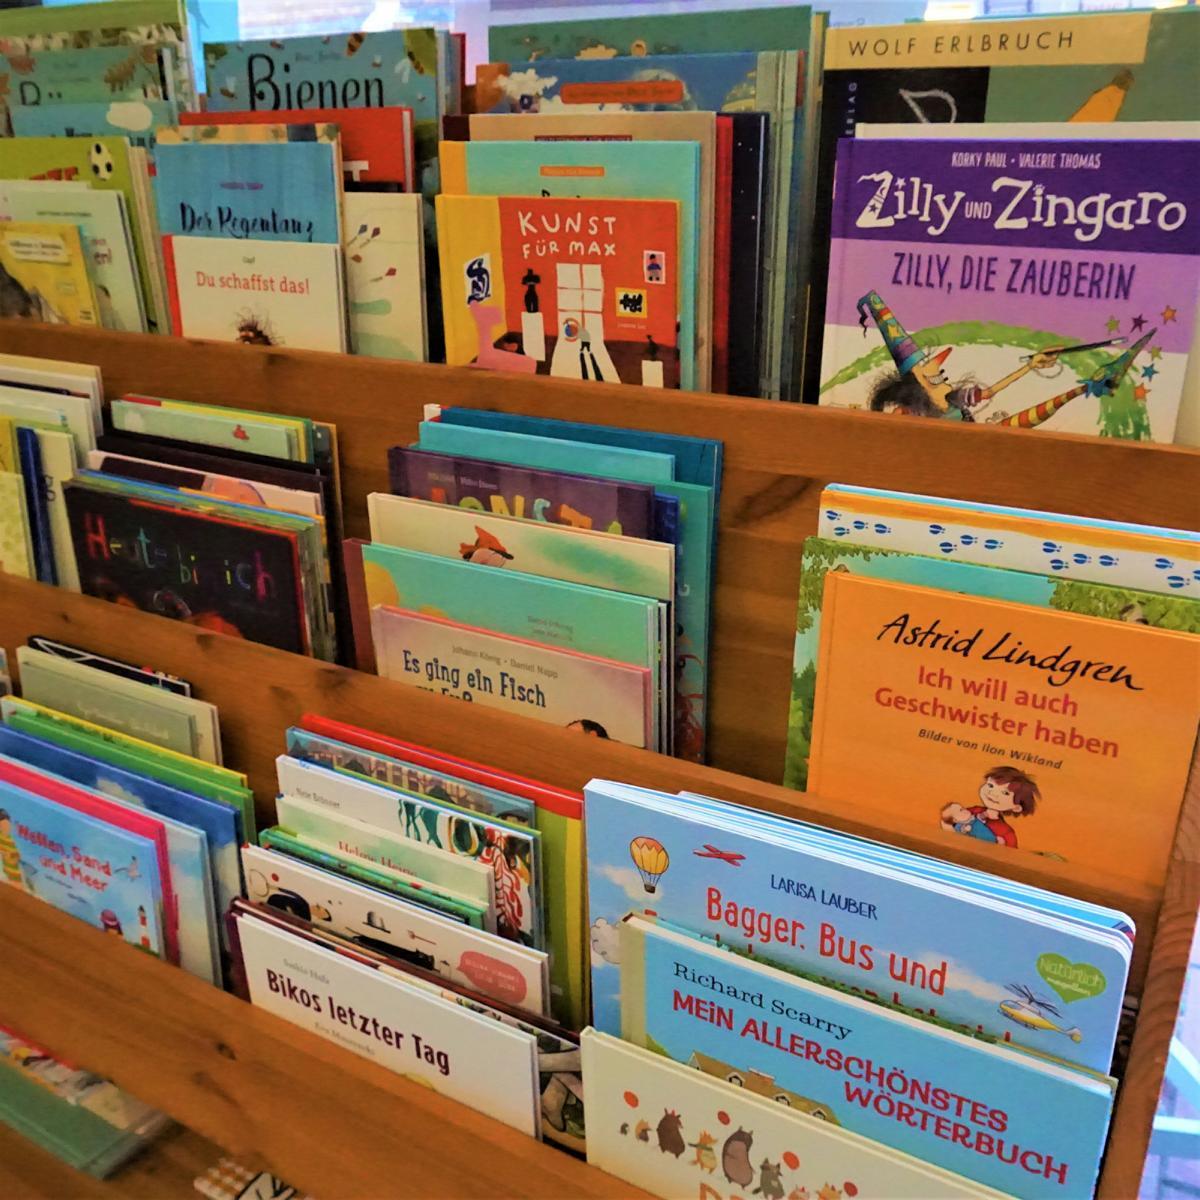 style hannover annabee buchladen 8 - Annabee Buchladen: Hier entscheidet das Kollektiv